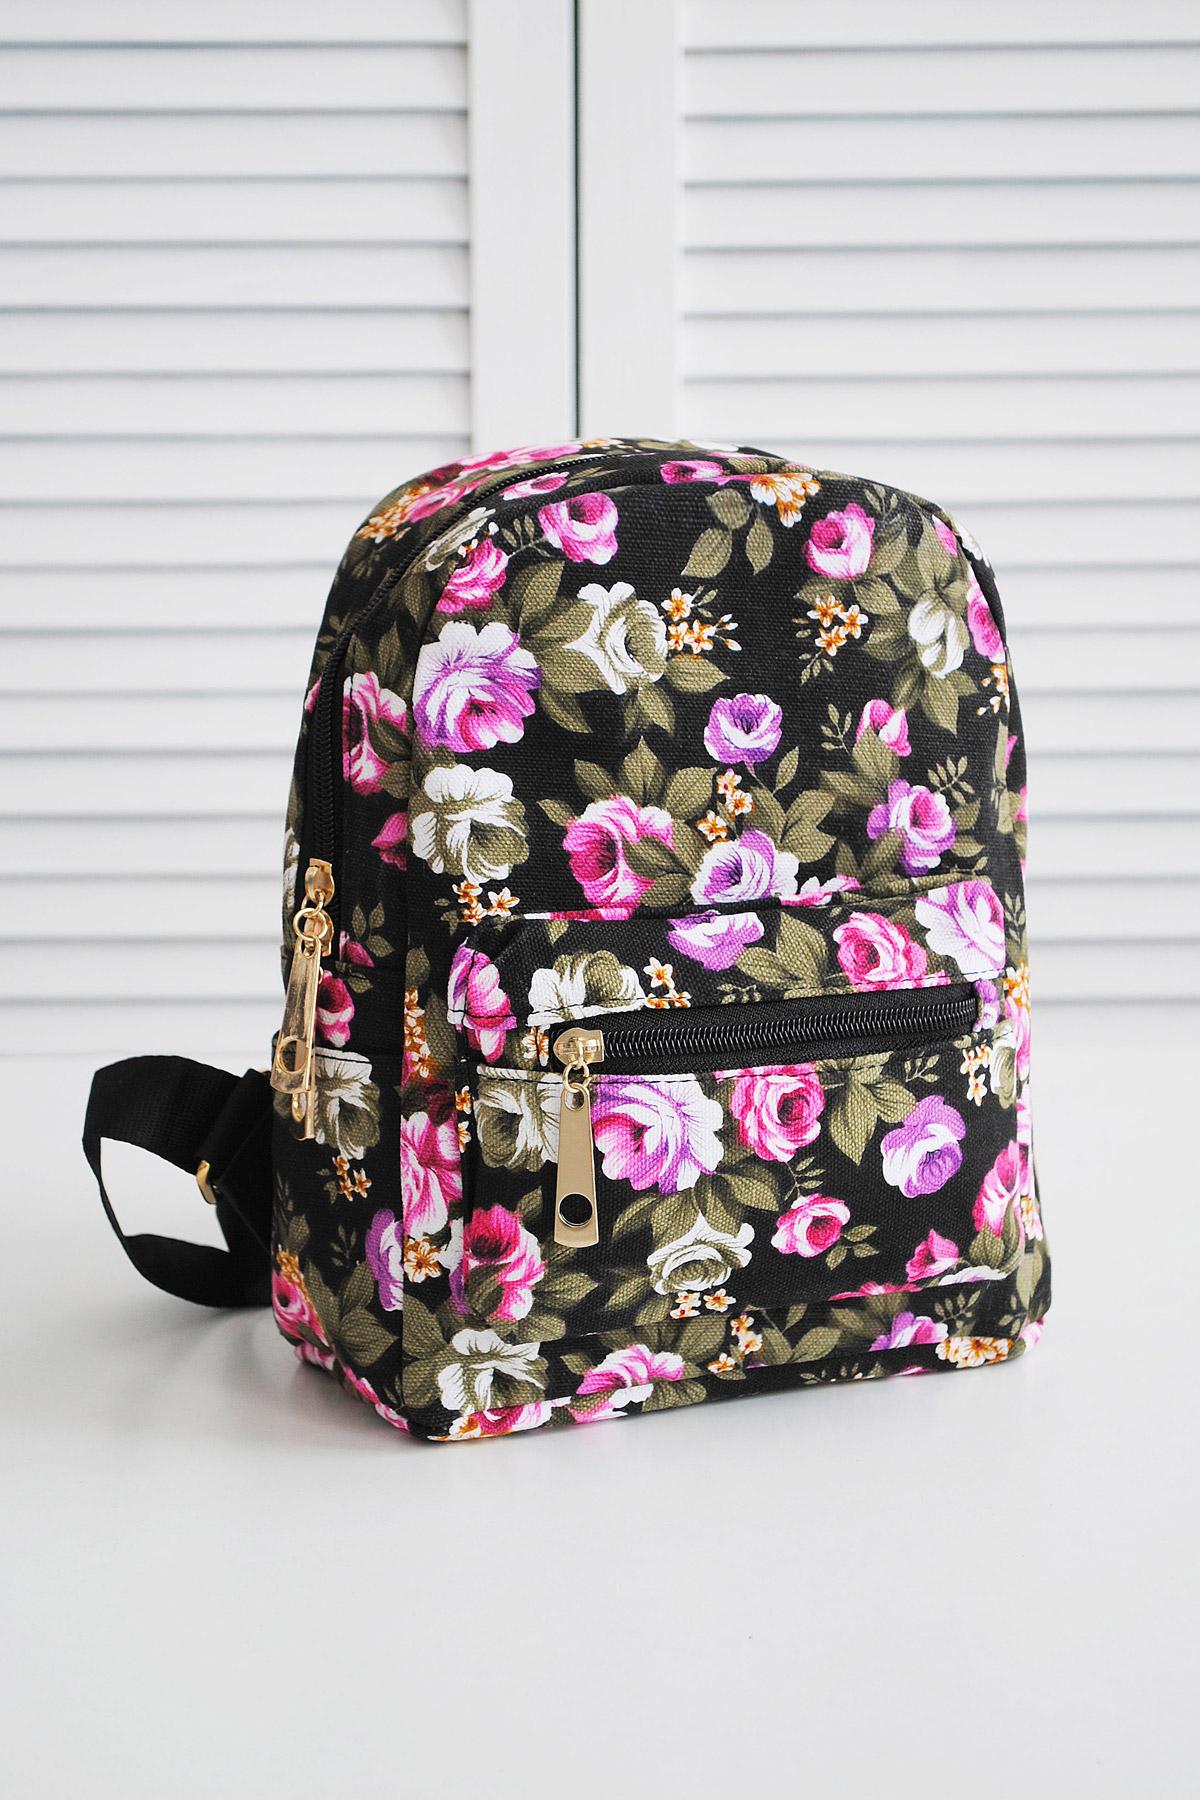 женский тканевый рюкзак с цветочным принтом. Рюкзак 6901-2. Цвет  черный- c44cc4a43e3